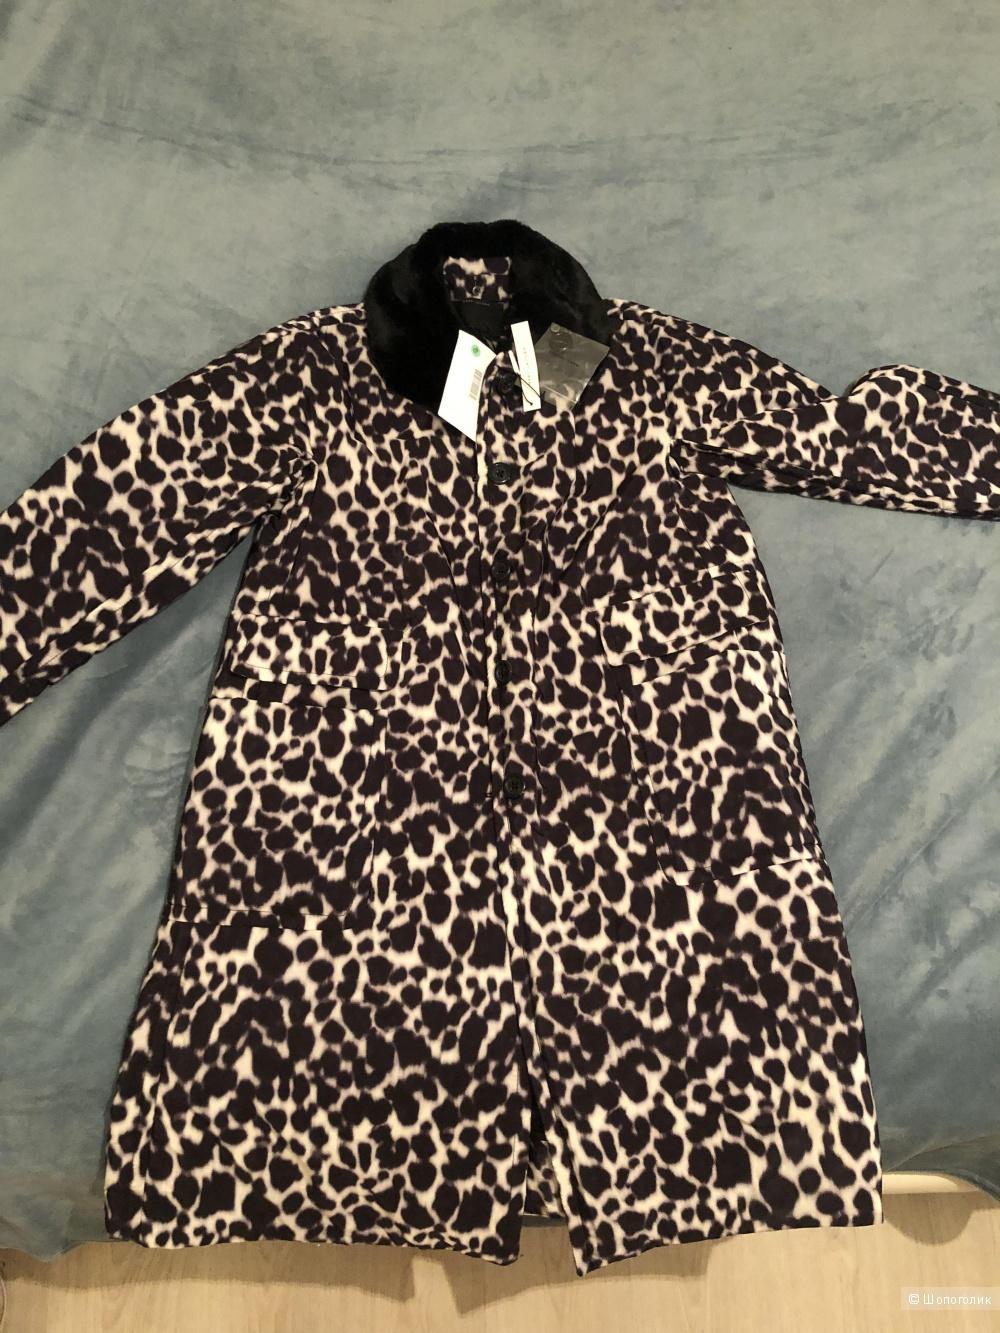 Пальто-пуховик Marc Jacobs, размер 6 US, подойдёт на 46-48-50 российский